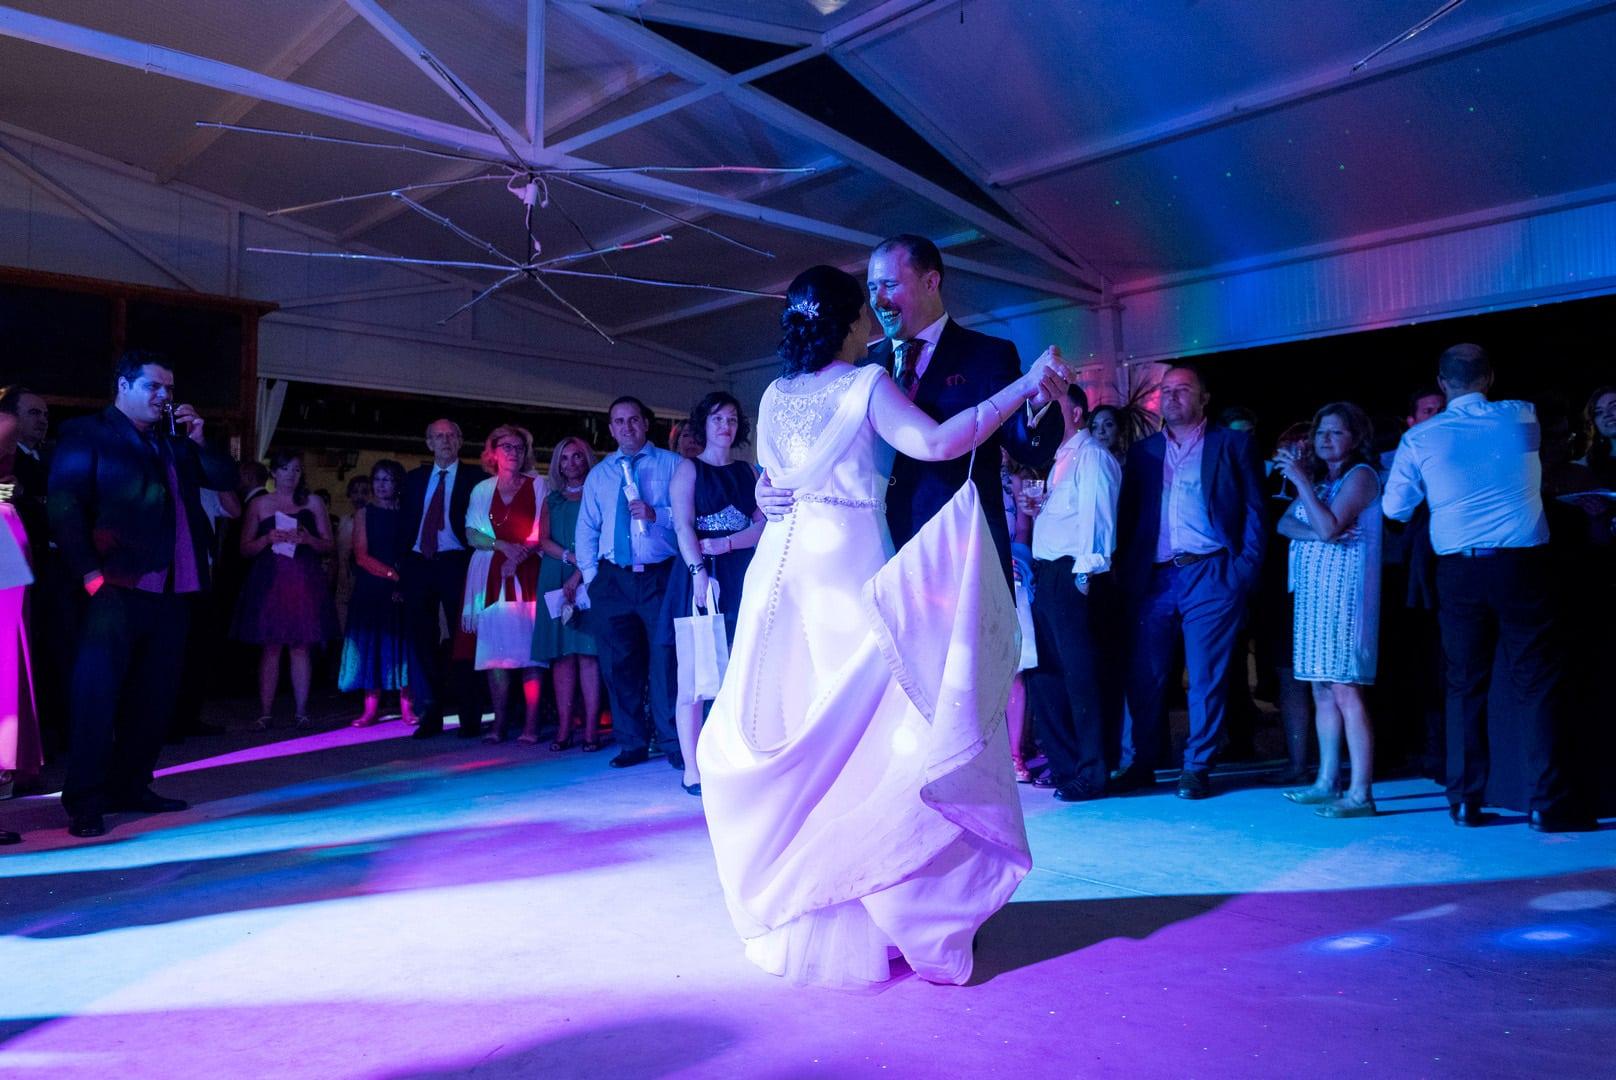 baile novios ZAZU-boda-divertida-en-rojo-Segovia UNA BODA DIVERTIDA EN SEGOVIA